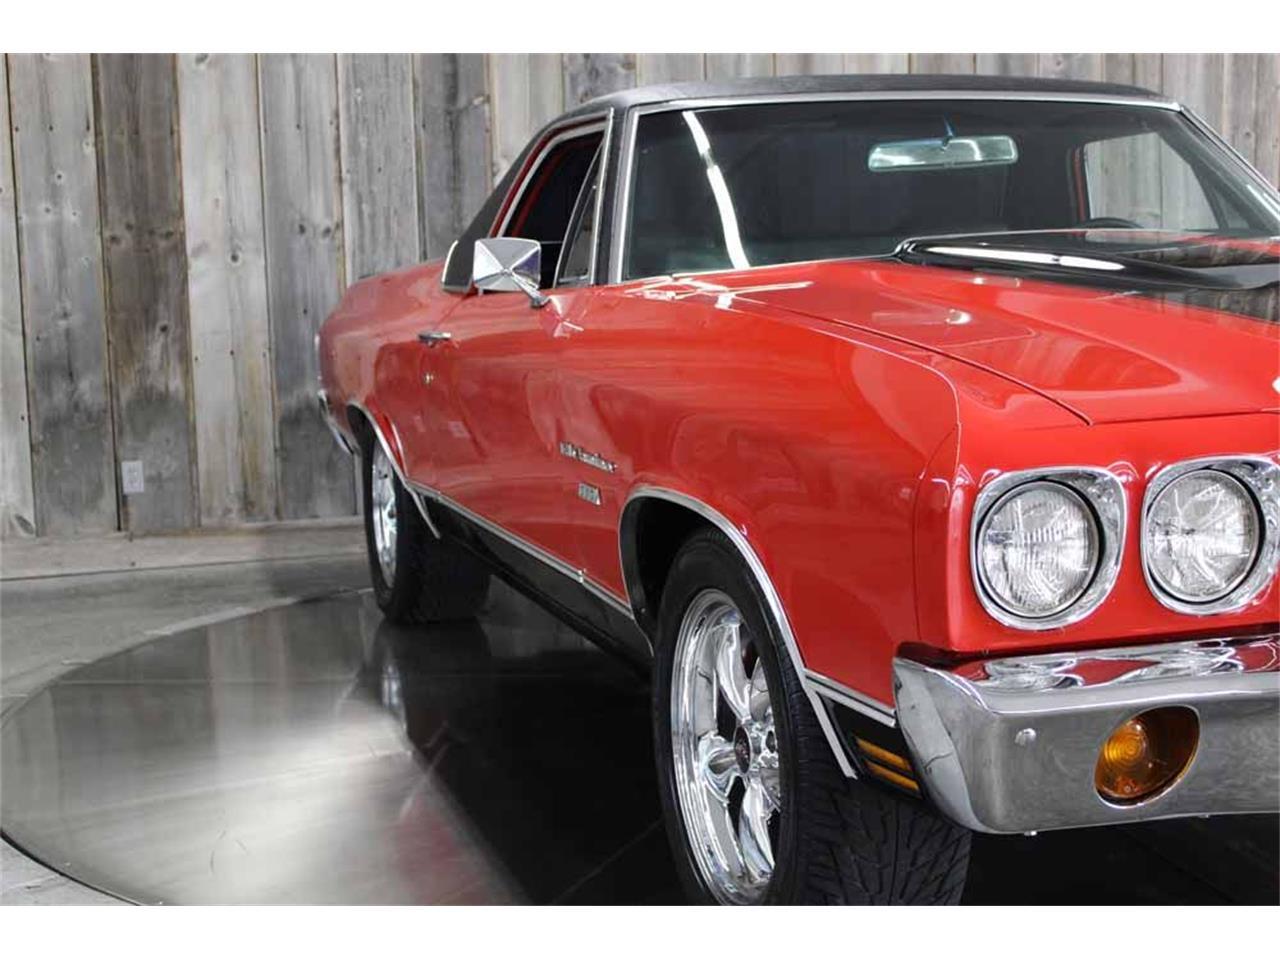 1970 Chevrolet El Camino (CC-1357171) for sale in Bettendorf, Iowa